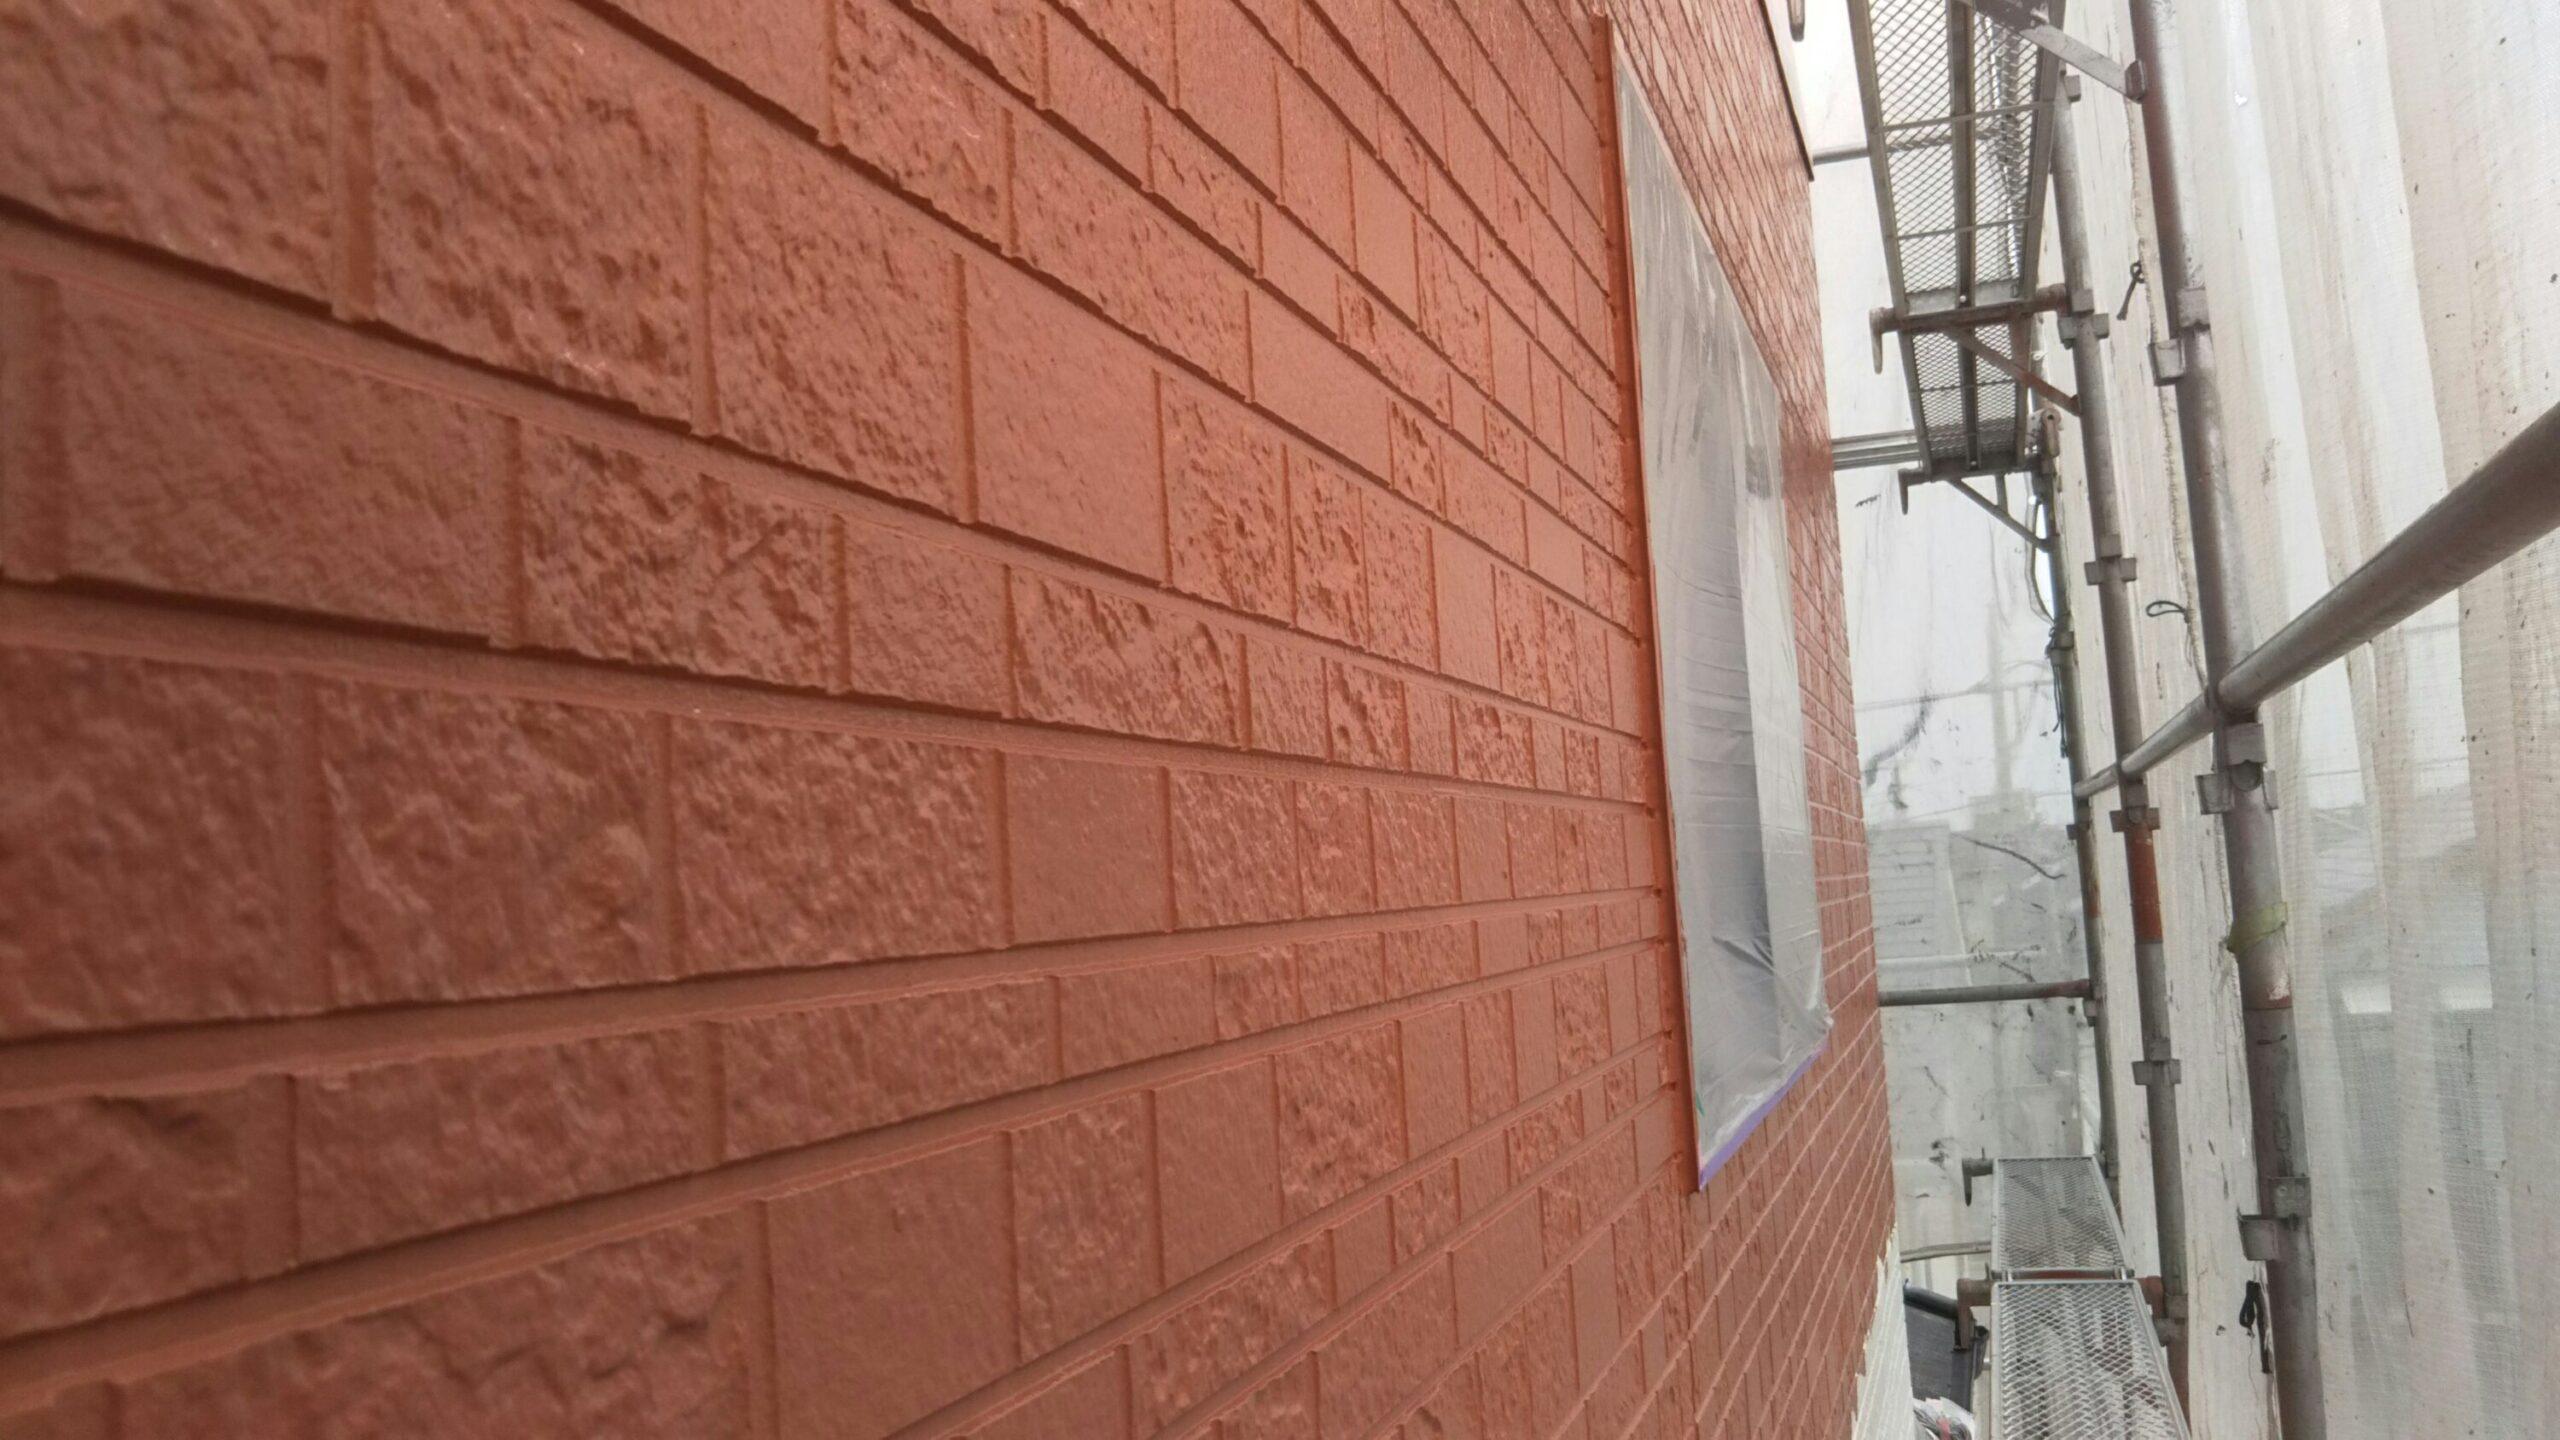 埼玉県さいたま市中央区のK様邸(木造3階建て)にて外壁の中塗り塗装